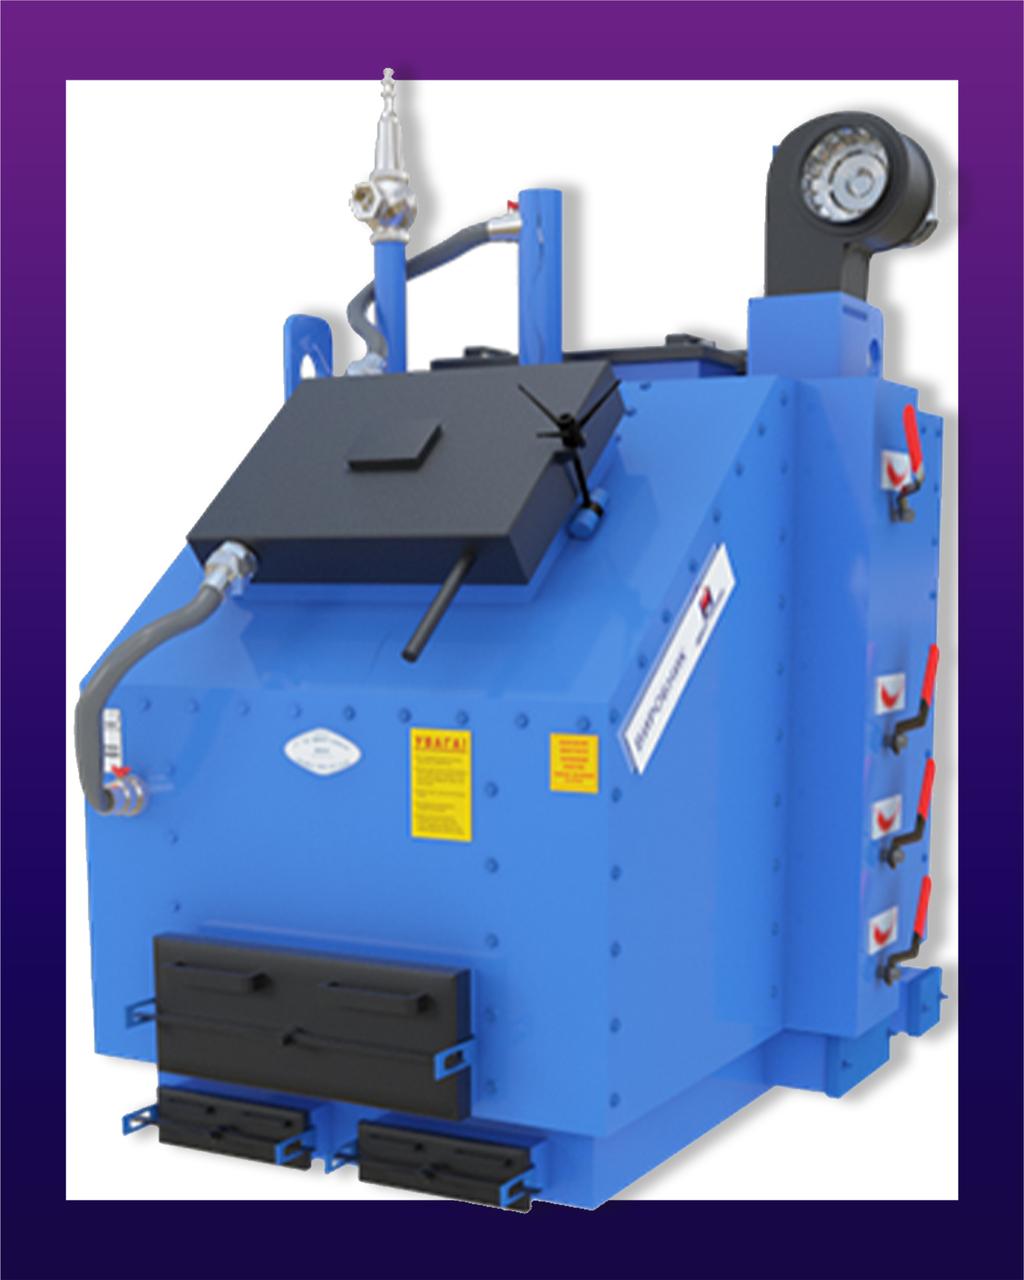 Промисловий твердопаливний котел Топтермо КВ-ЖСН 200 кВт